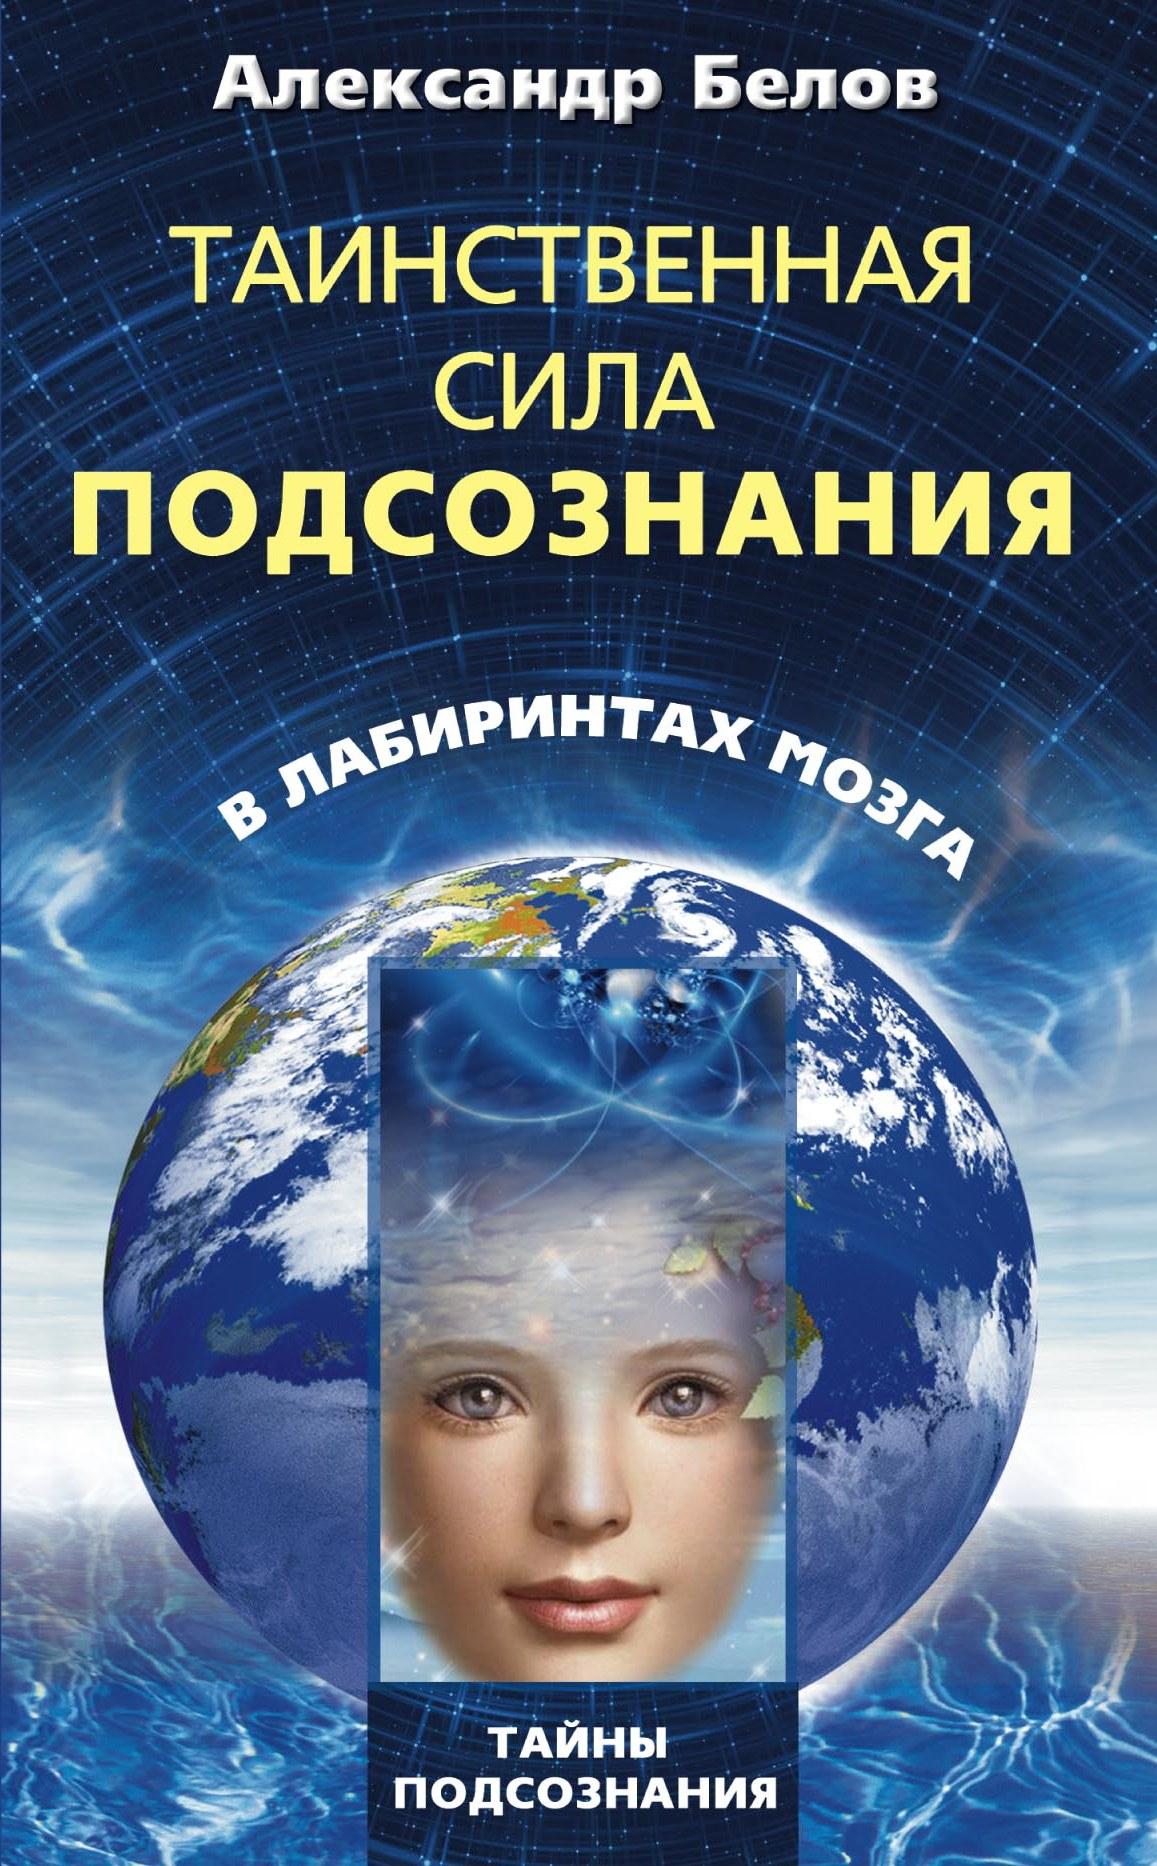 Александр Белов Таинственная сила подсознания. В лабиринтах мозга александр белов таинственная сила подсознания в лабиринтах мозга